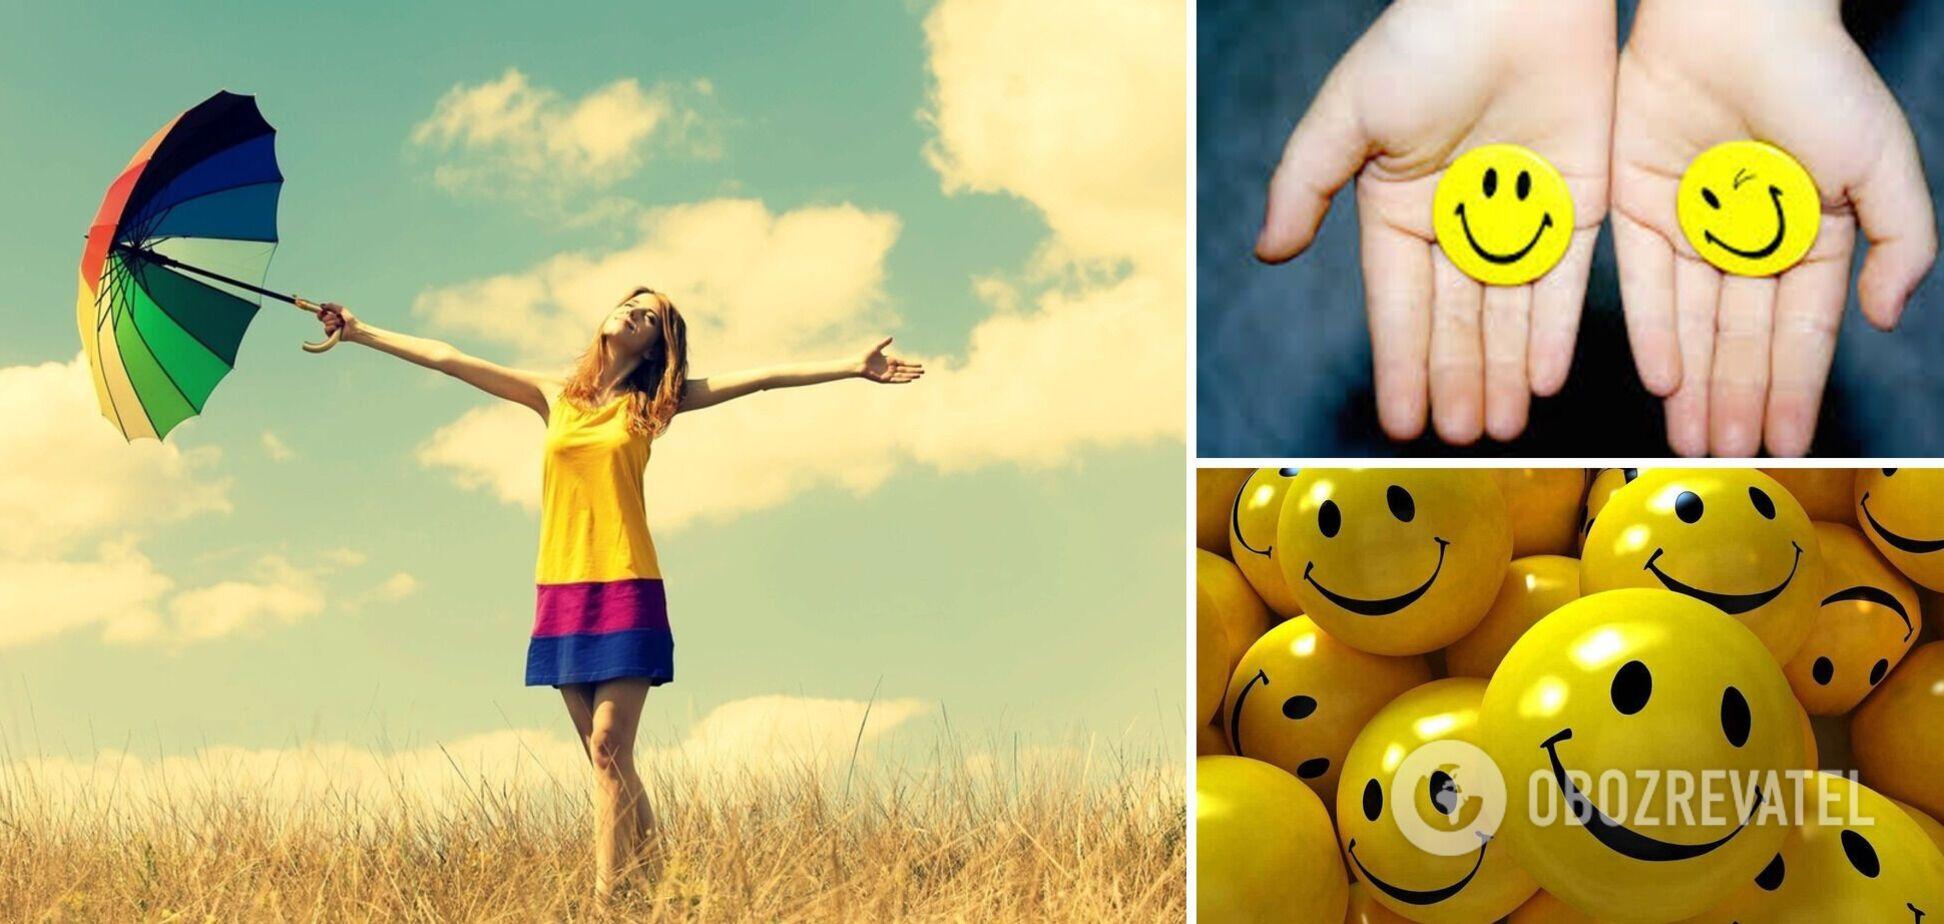 Чотири найбільш дружніх знаки зодіаку, які завжди налаштовані на позитив